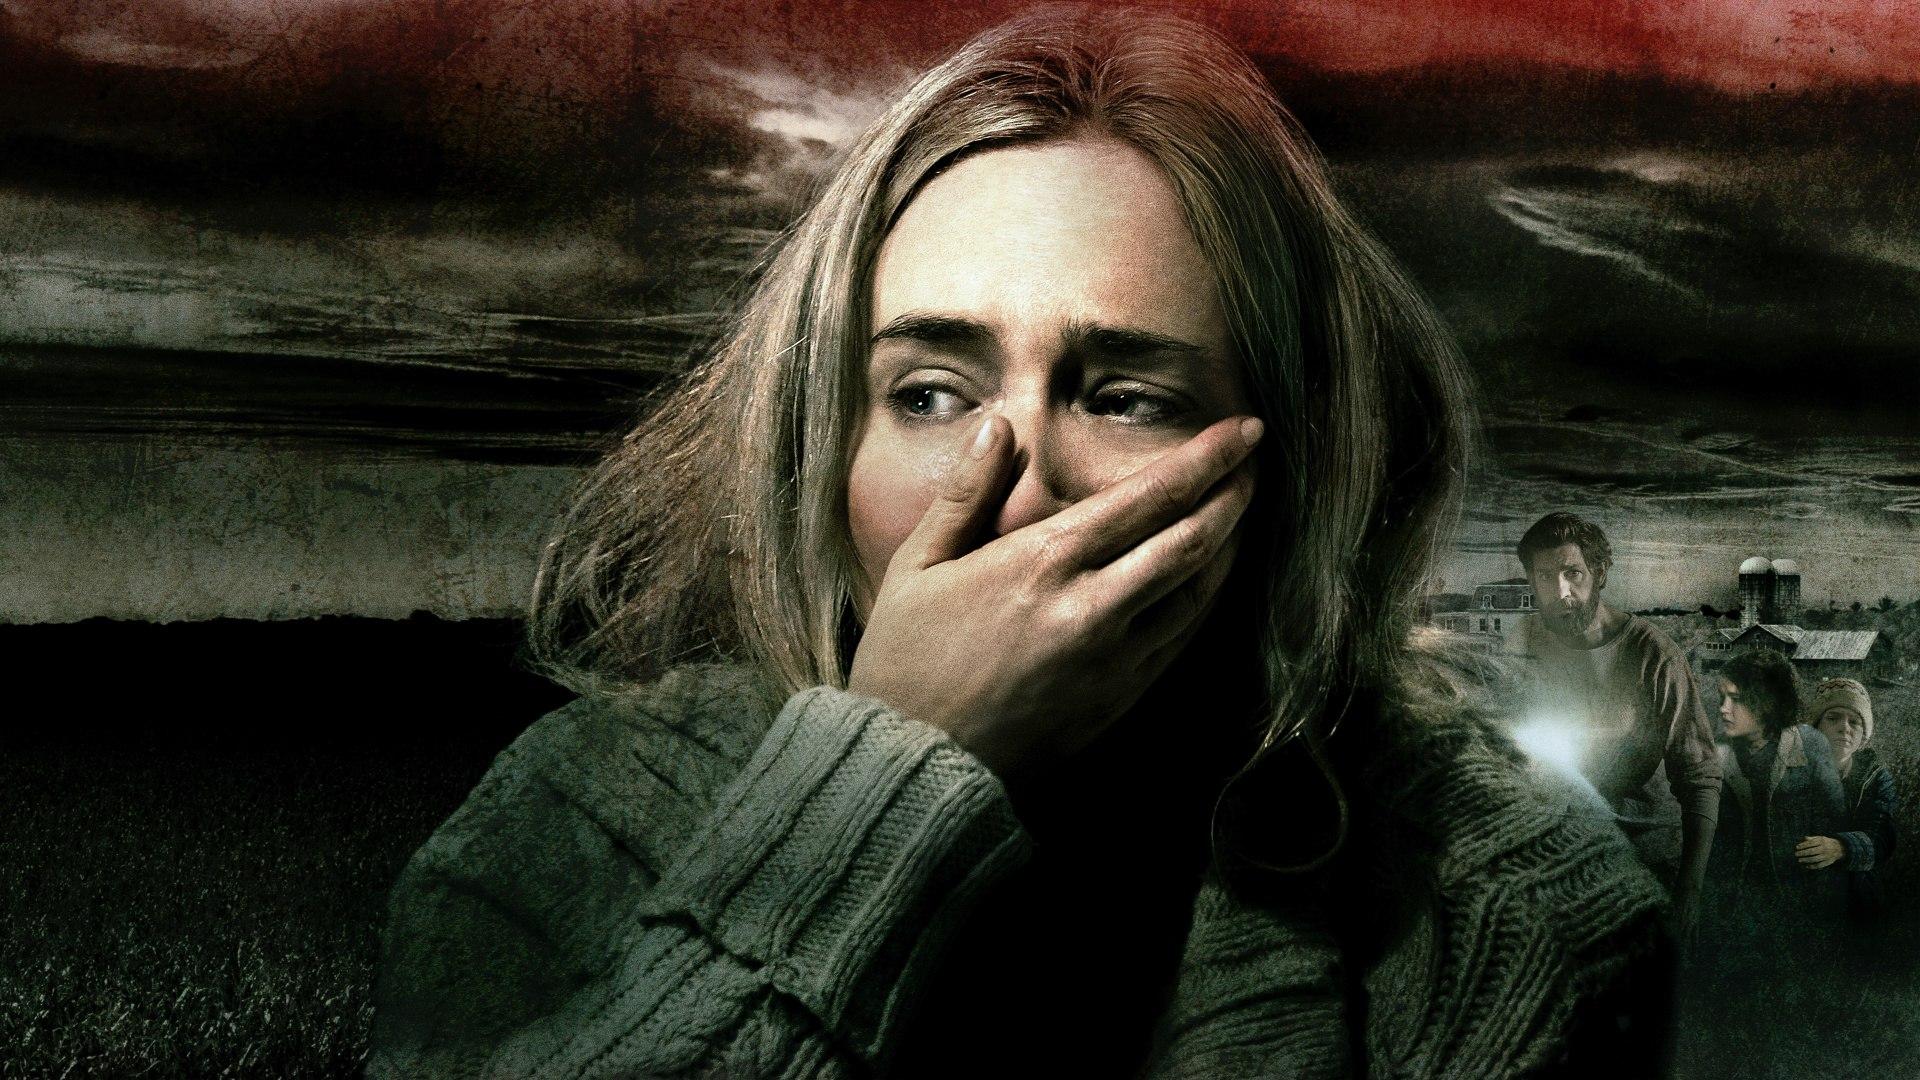 Тихое место фильм 2019 | трейлер, актеры, дата выхода в 2019 году